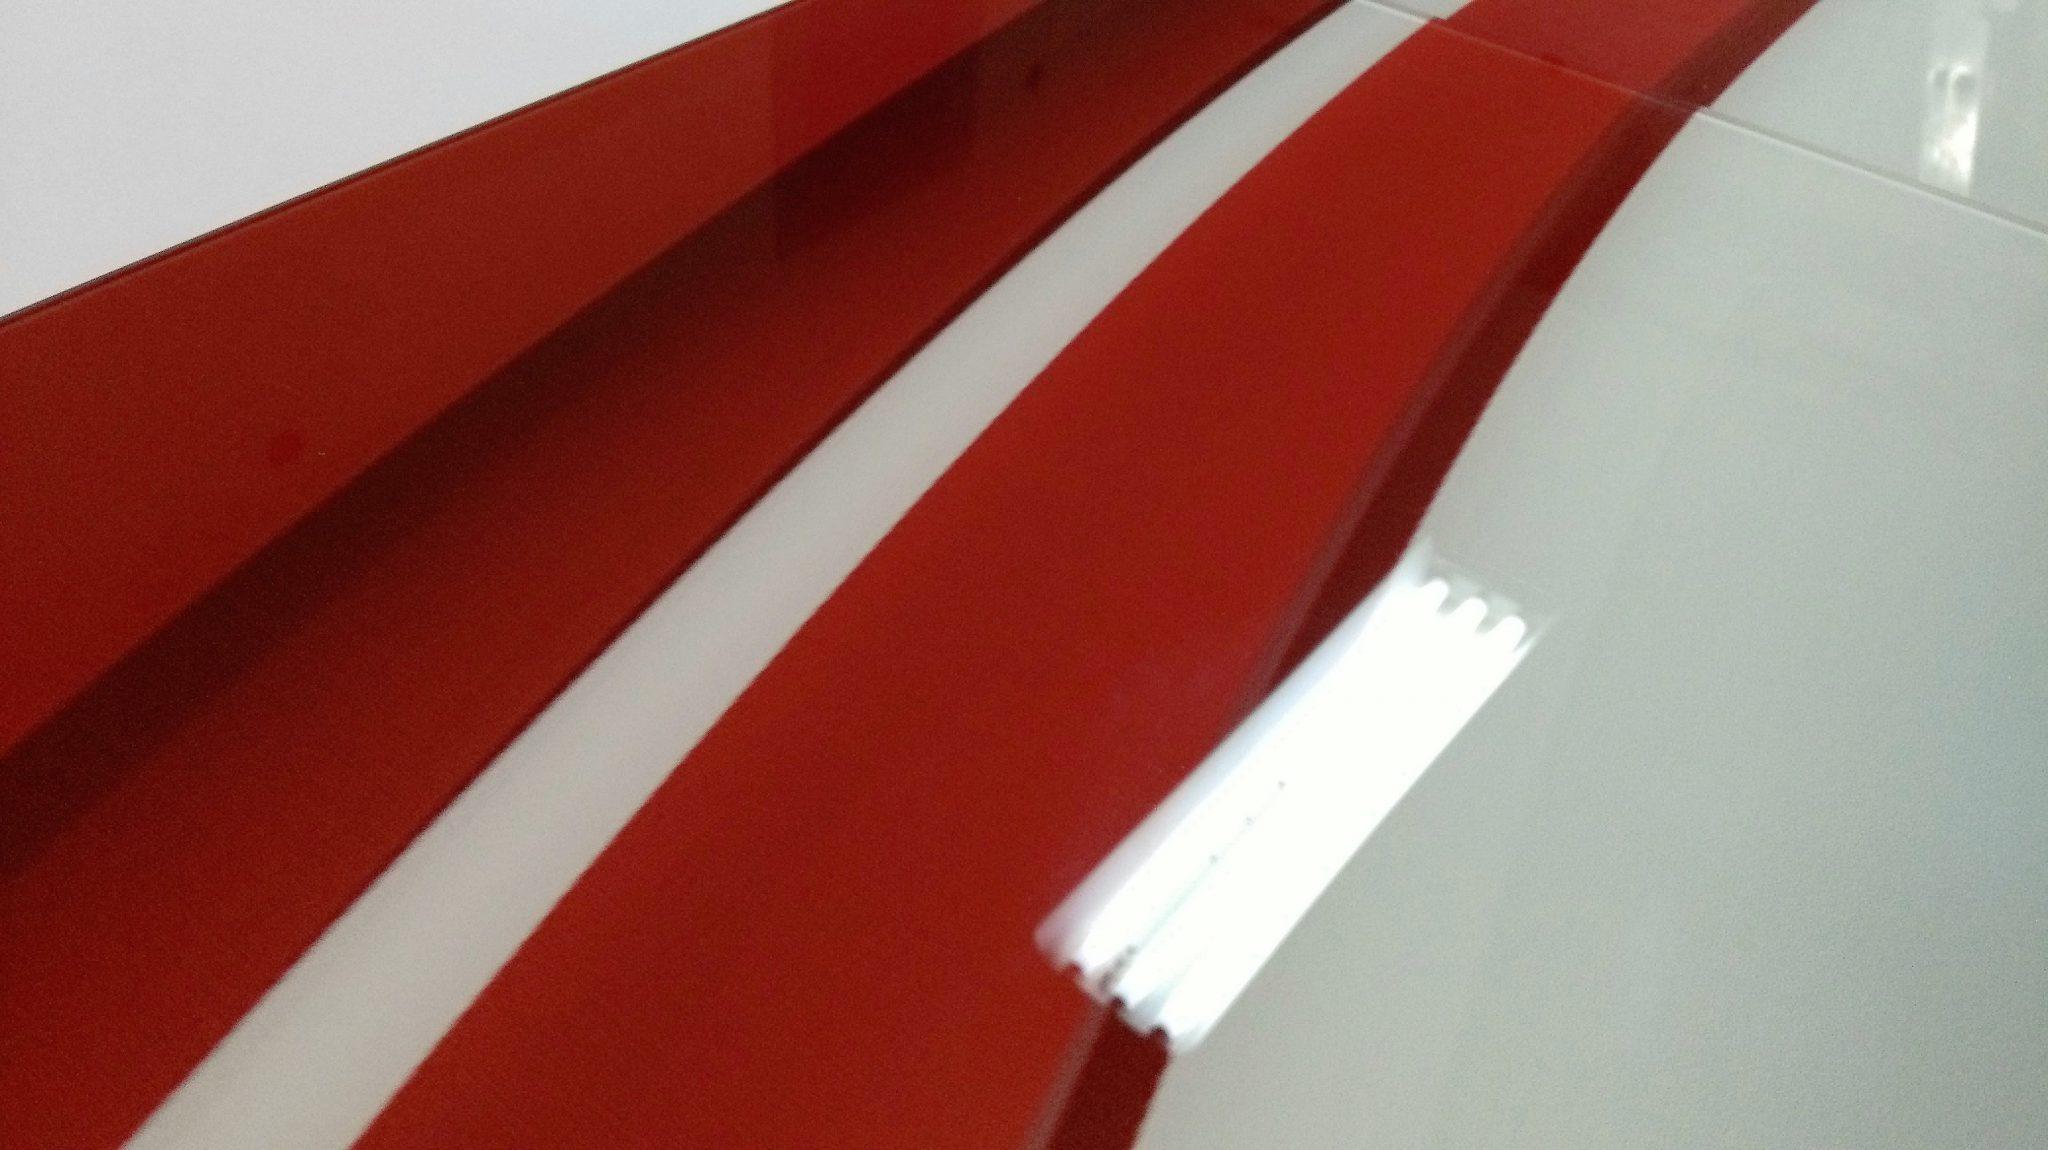 Tafla szklana z czerwonym nadrukiem